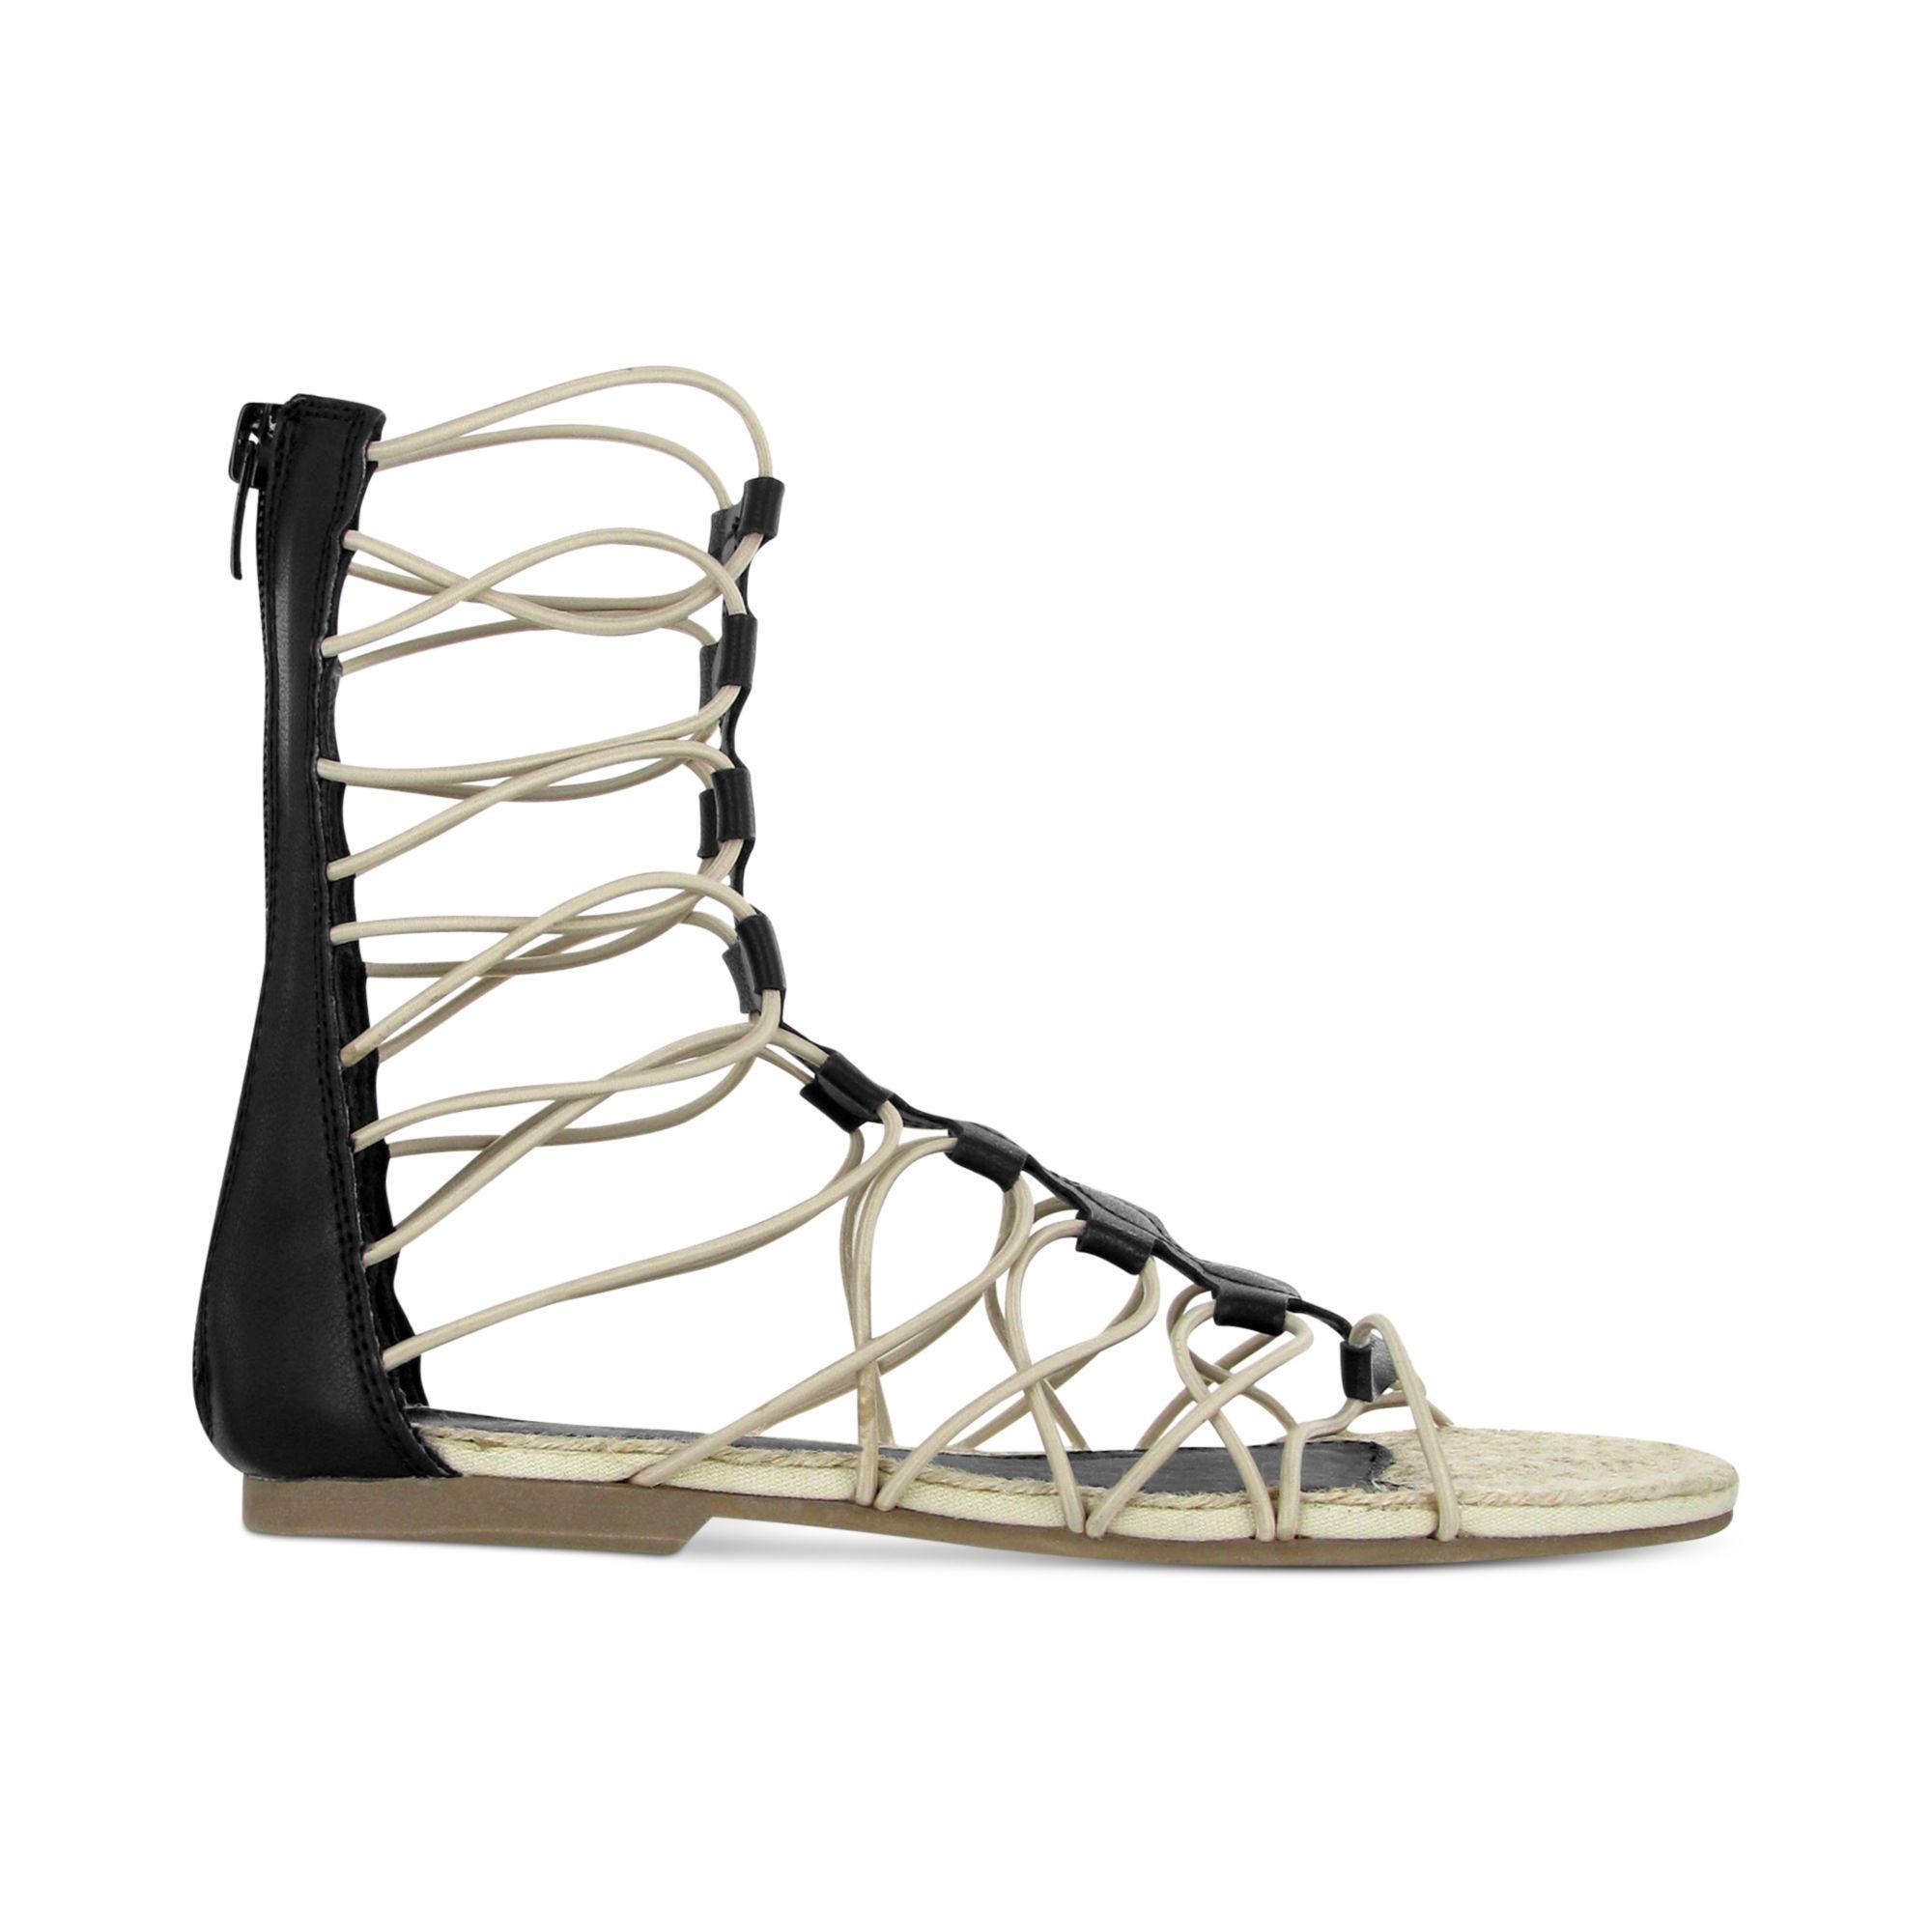 57c06d0f202 Lyst - MIA Livi Gladiator Sandals in Black